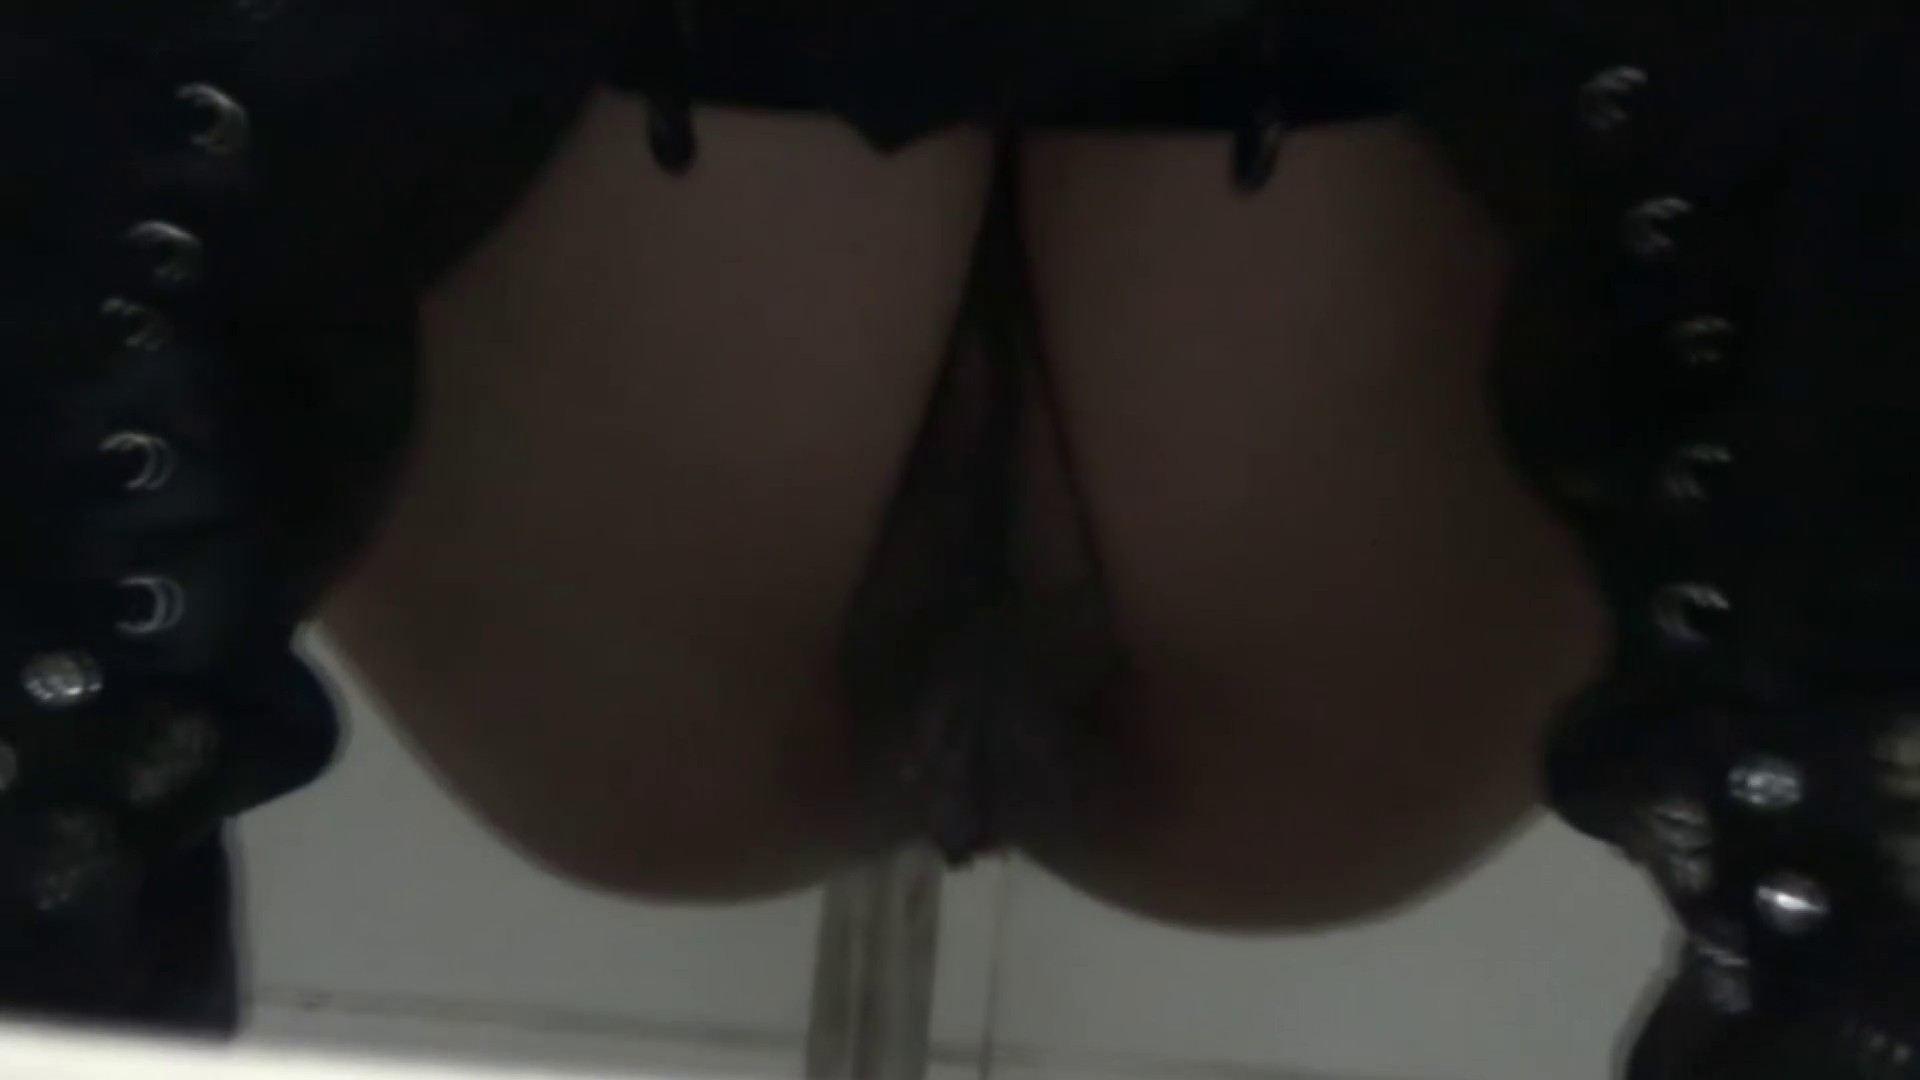 JD盗撮 美女の洗面所の秘密 Vol.30 細身女性 SEX無修正画像 100画像 82